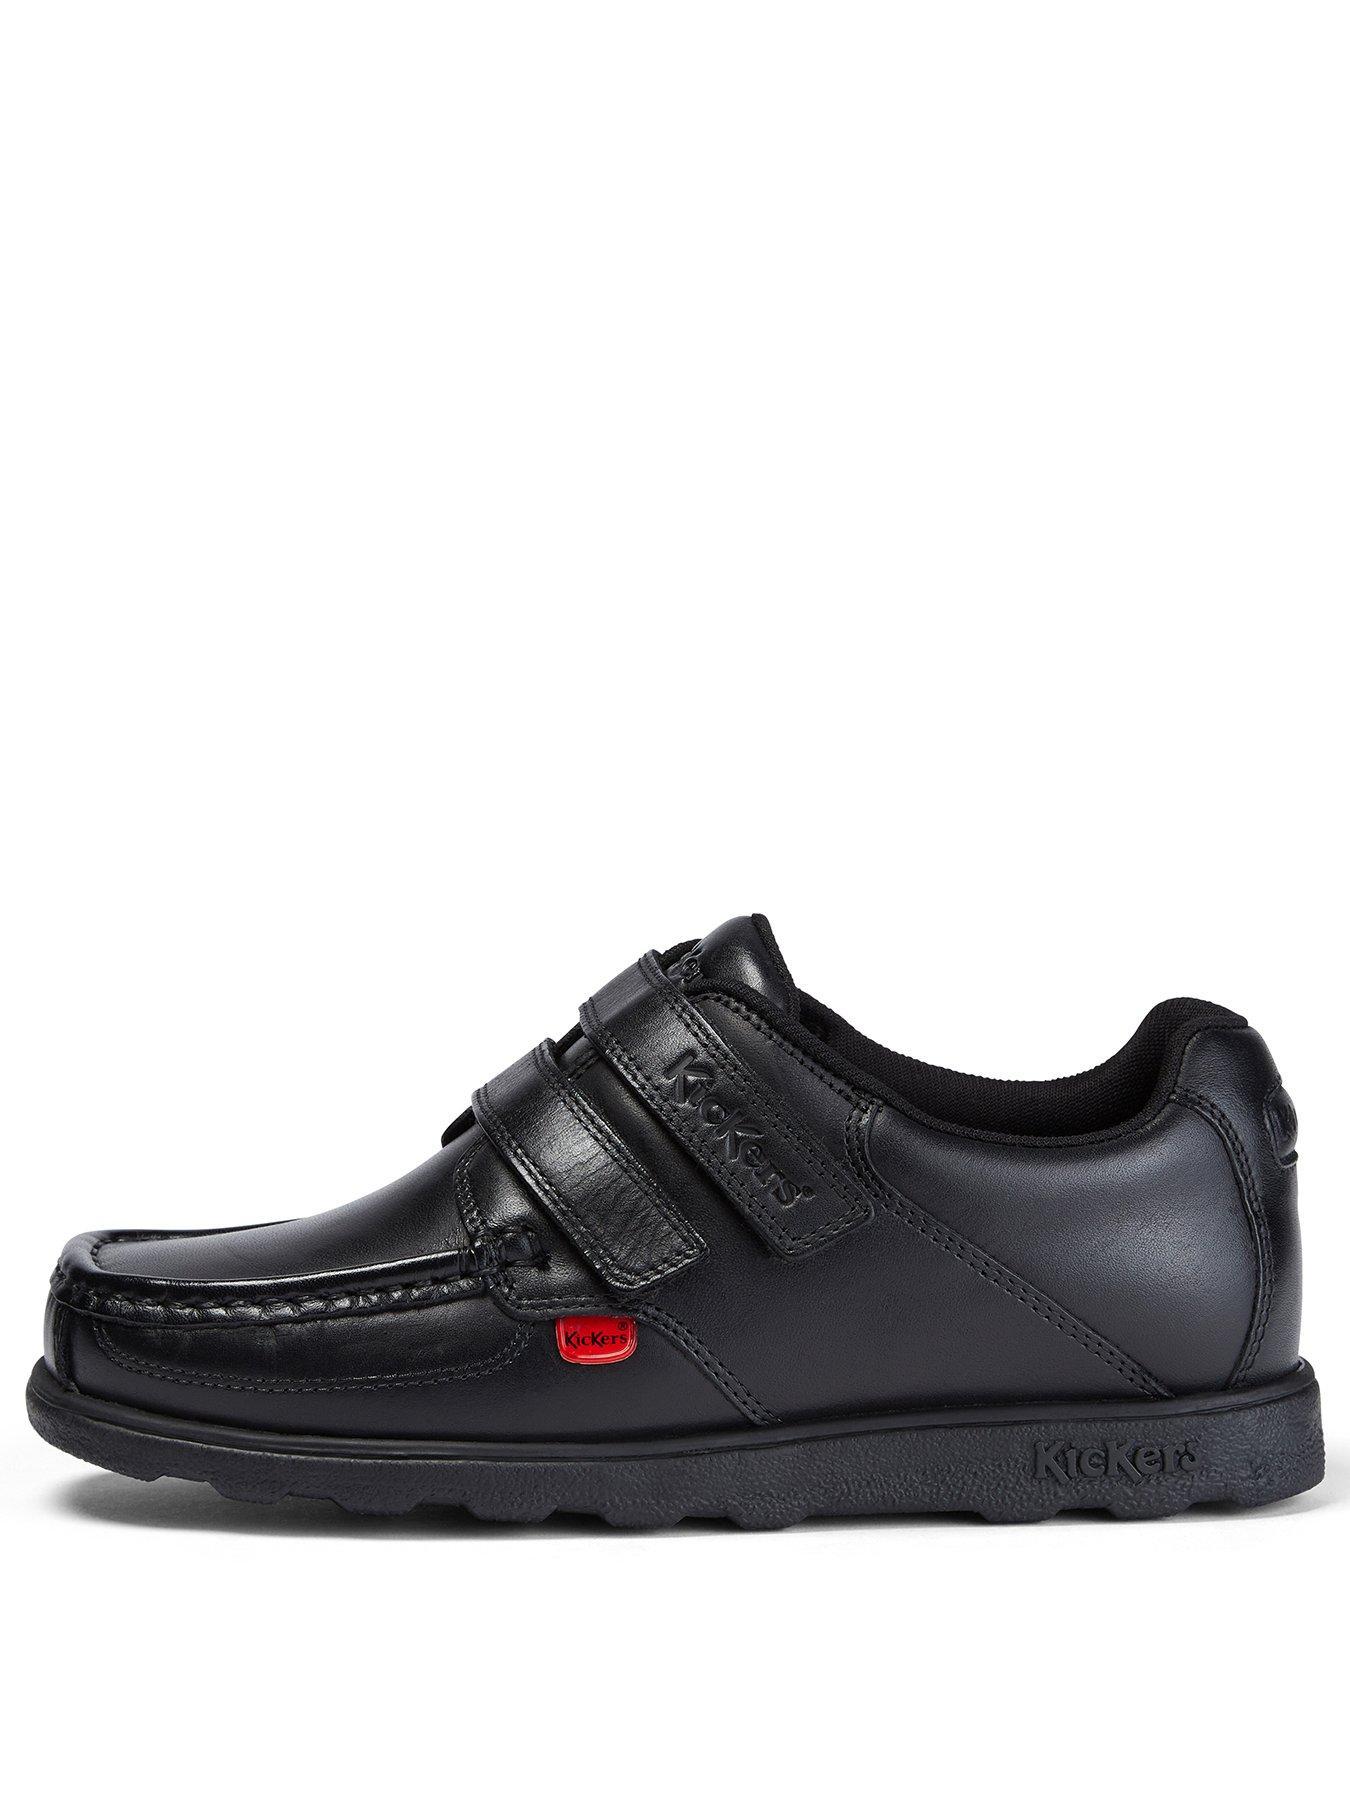 Girls Grey Slip On Canvas Shoes UK Infant Size 9 10 UK Kid 12 /& UK 2